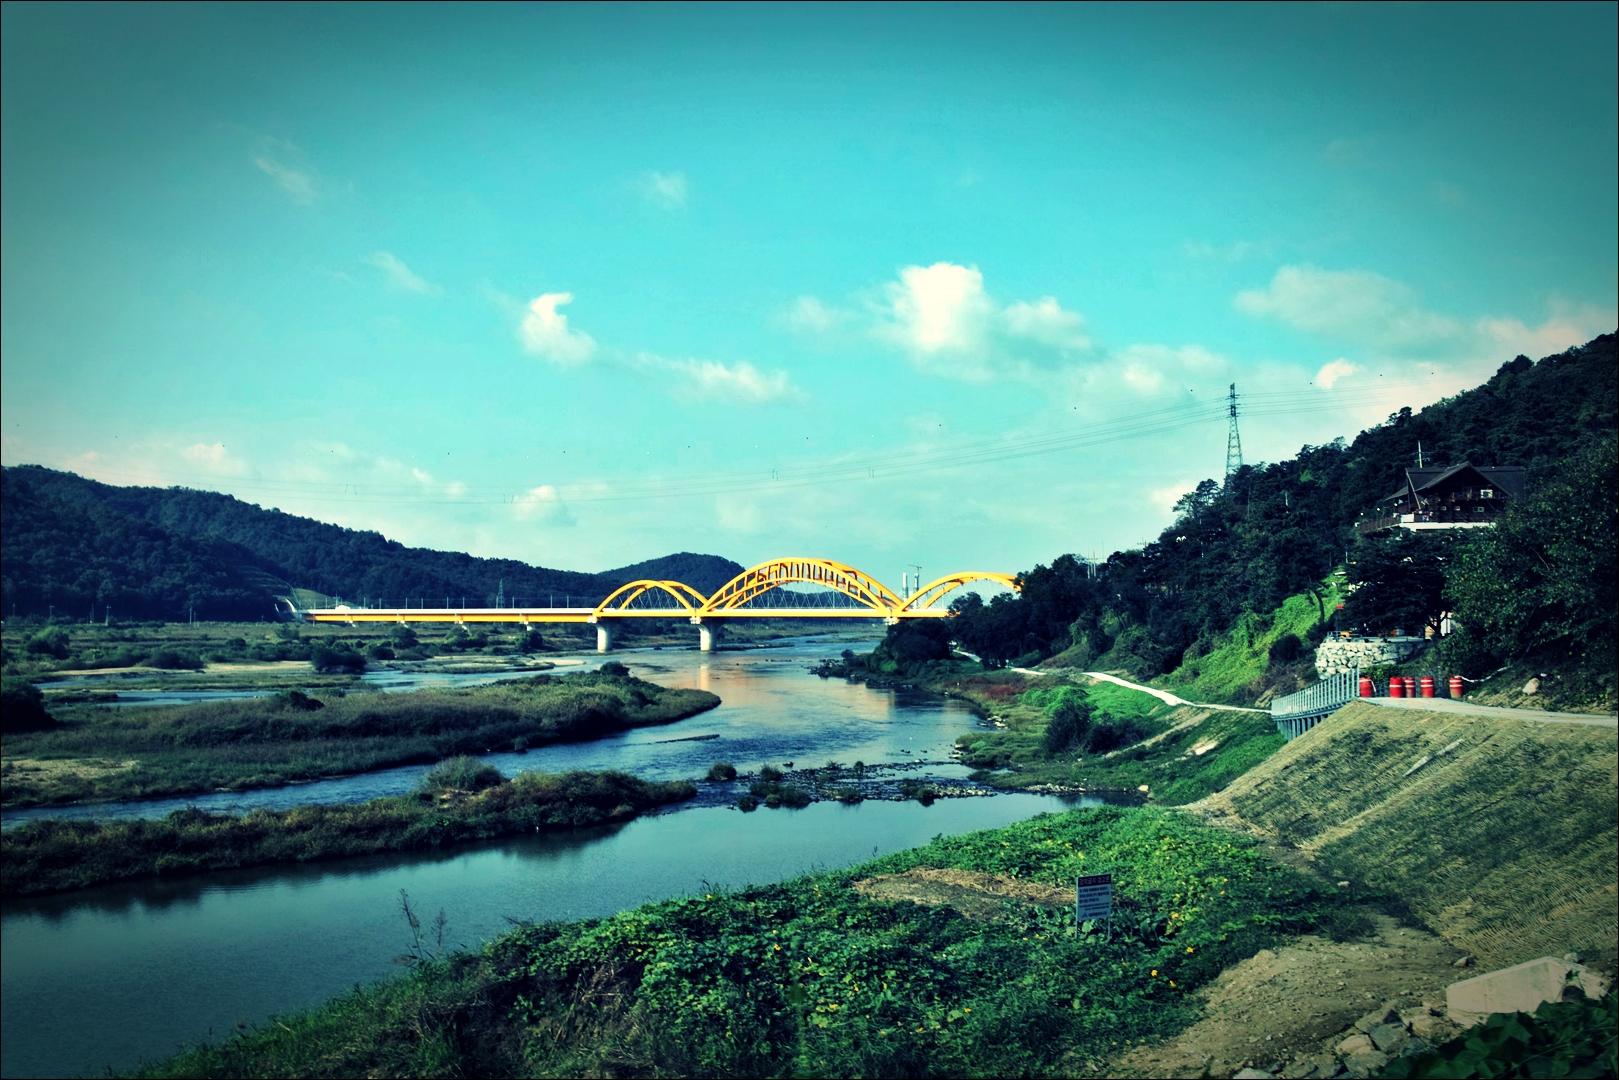 가을-'금강 자전거 캠핑 종주'